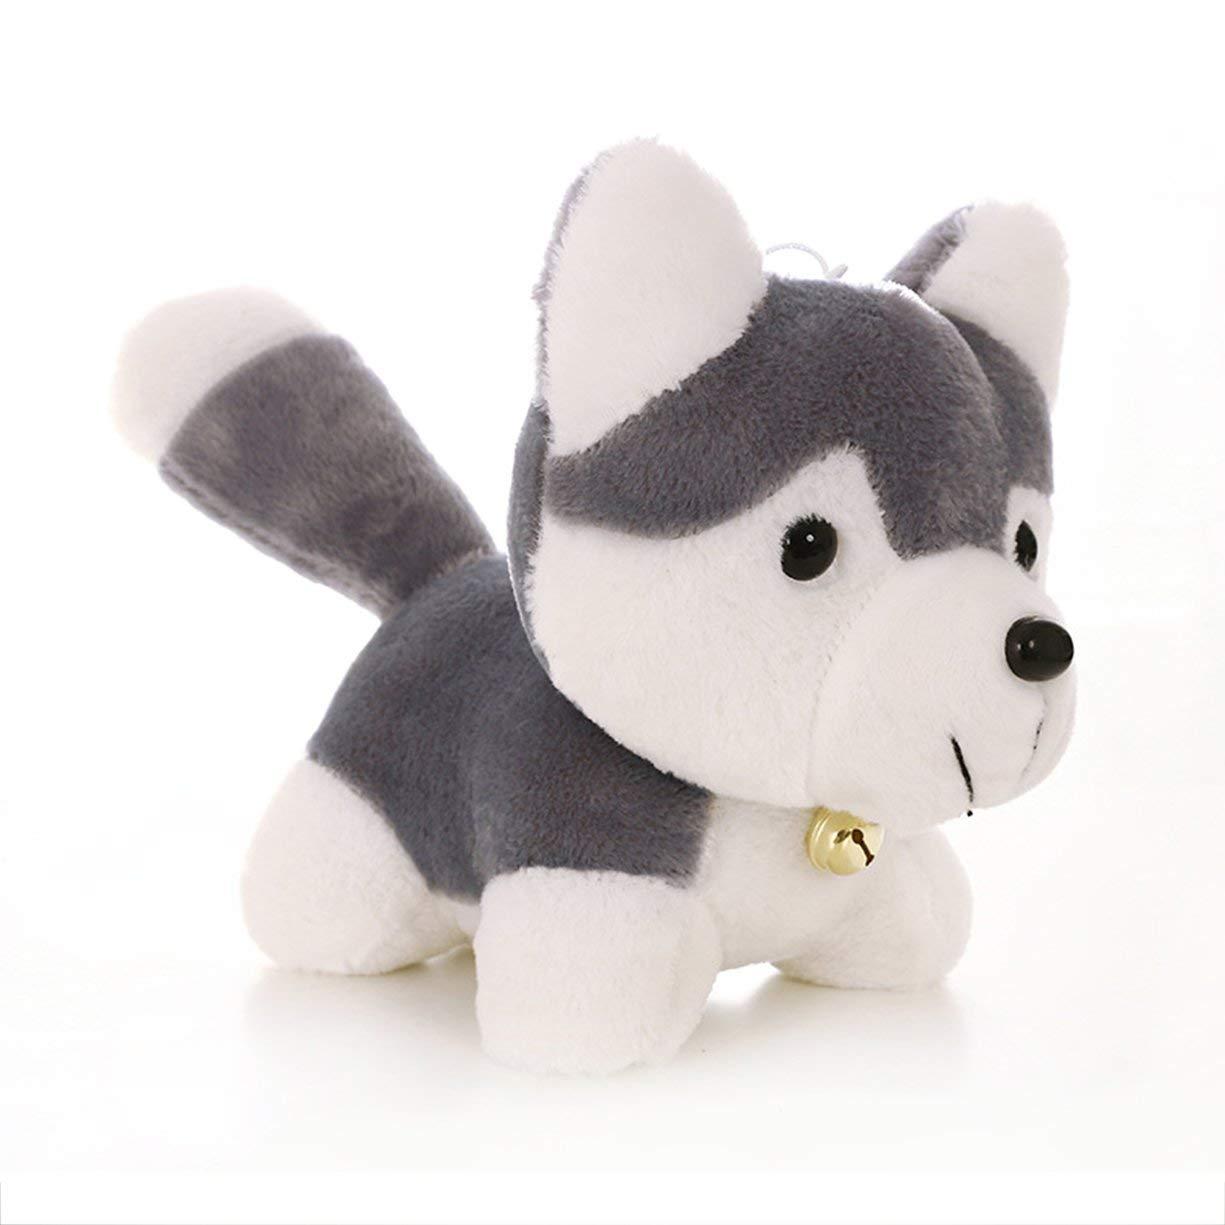 Siberian Husky Súper Super Lindo Juguete de Peluche Modelo de Perro de Simulación de Juguete Niños Apaciguar Muñeca Decoración del Hogar Detectoy